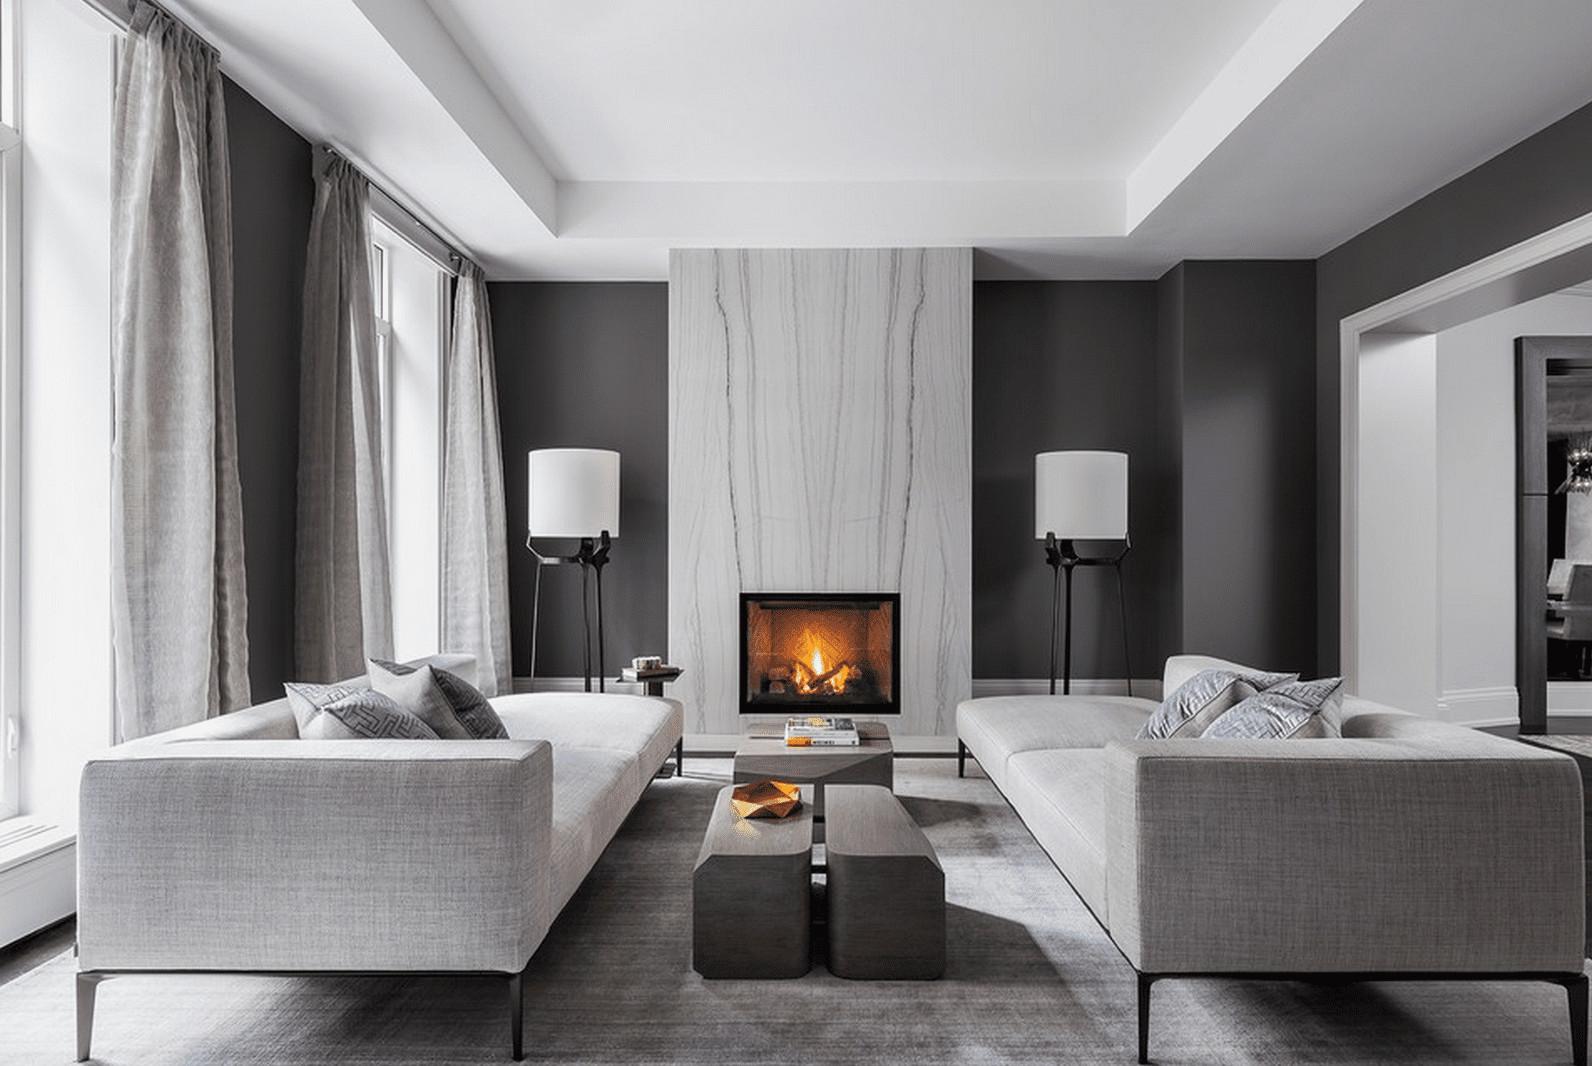 Contemporary Grey Living Room Inspirational 21 Modern Living Room Design Ideas